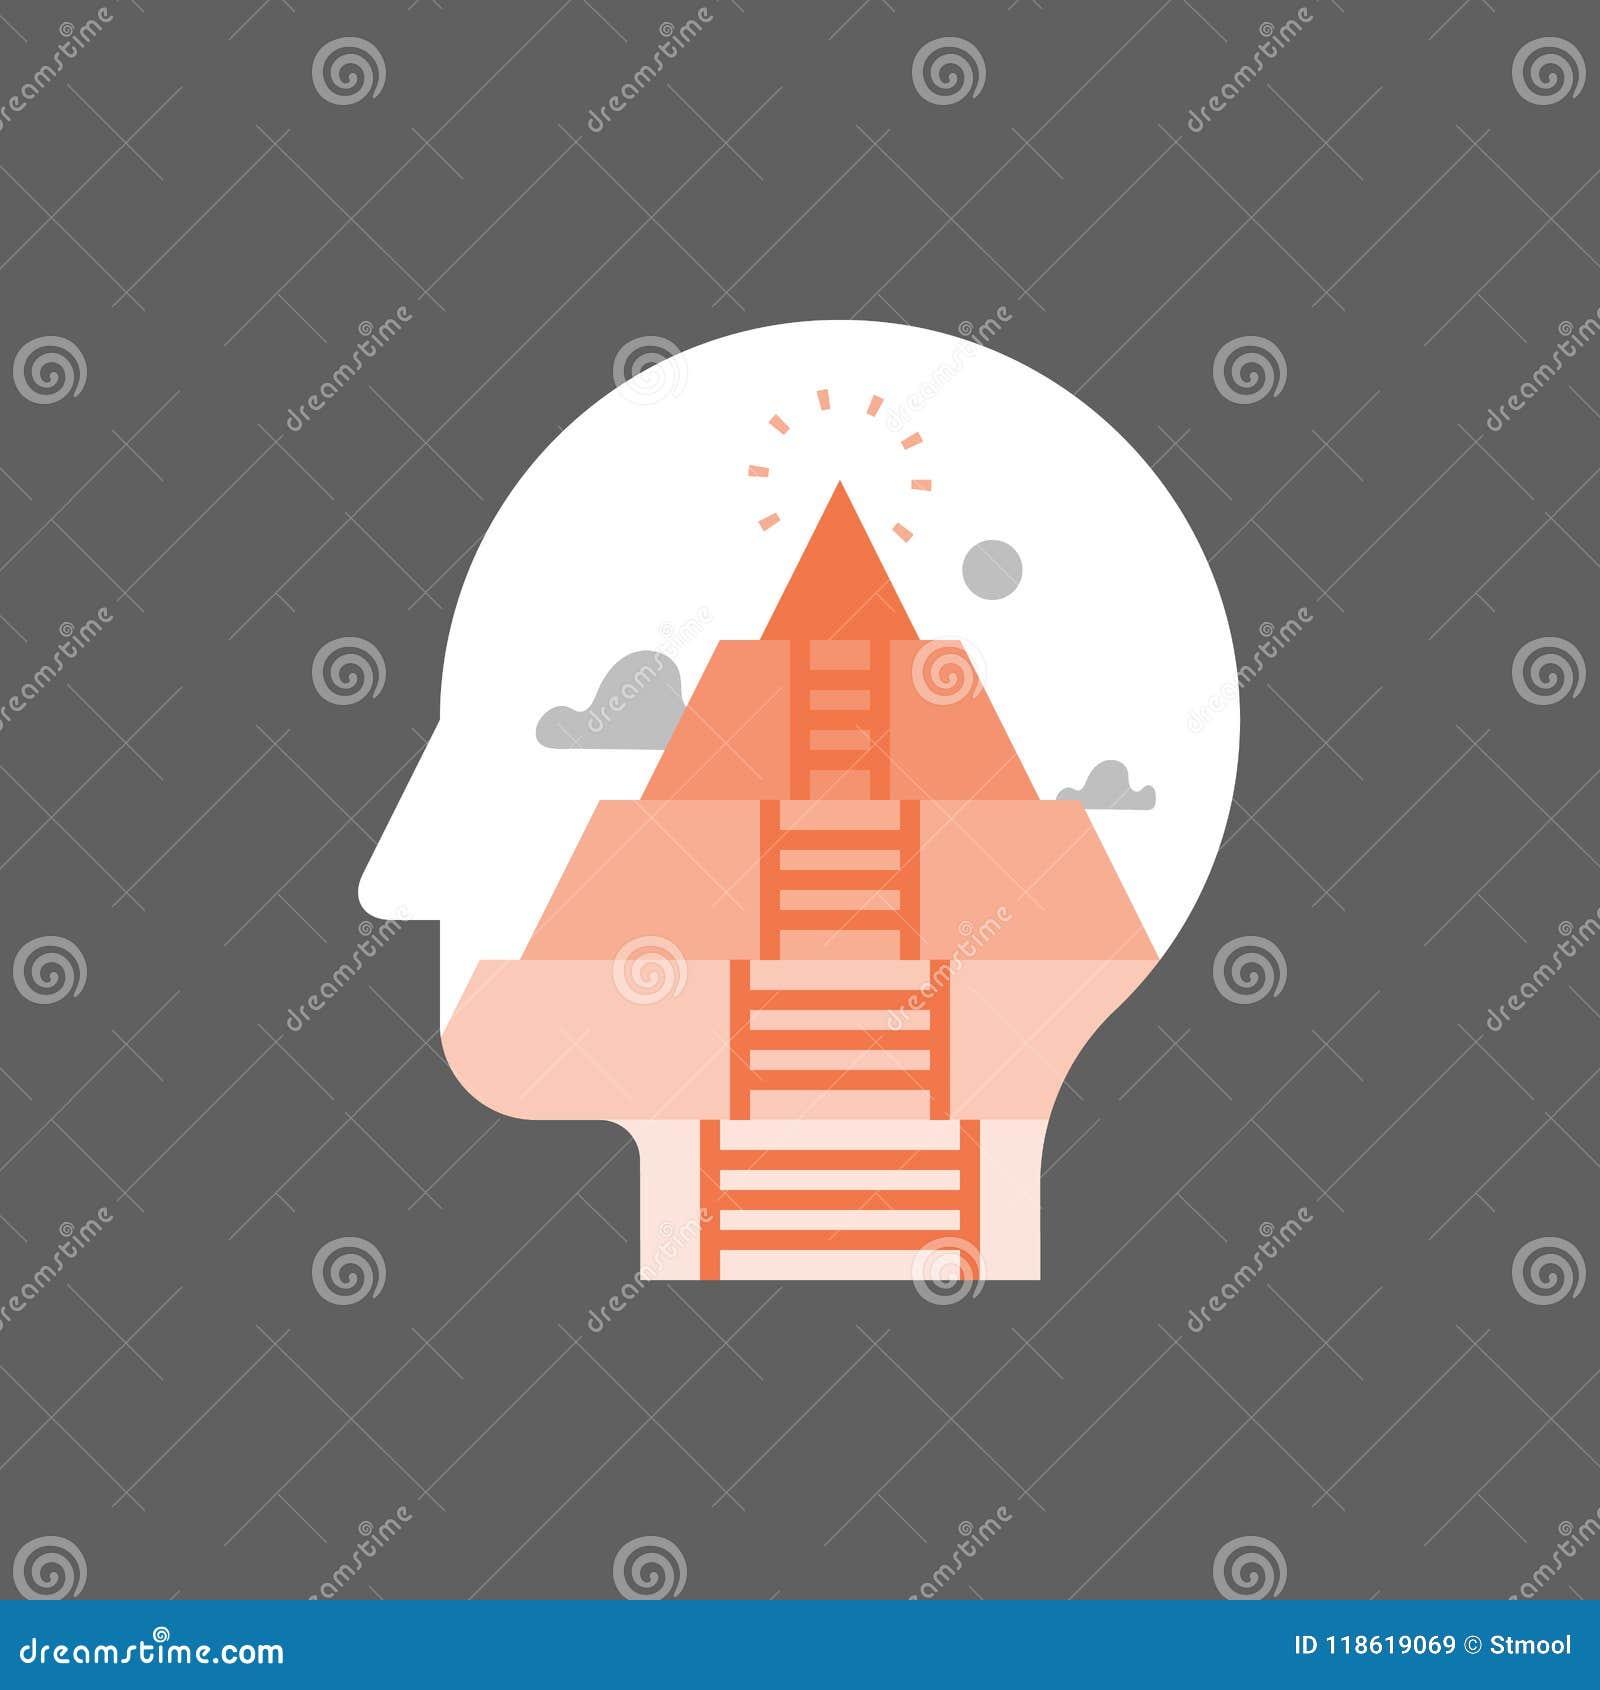 Sself-Bewusstsein, Pyramide des menschlichen Bedarfs, Psychoanalysekonzept, Geistesentwicklungsstadium, Selbstverwirklichung, per